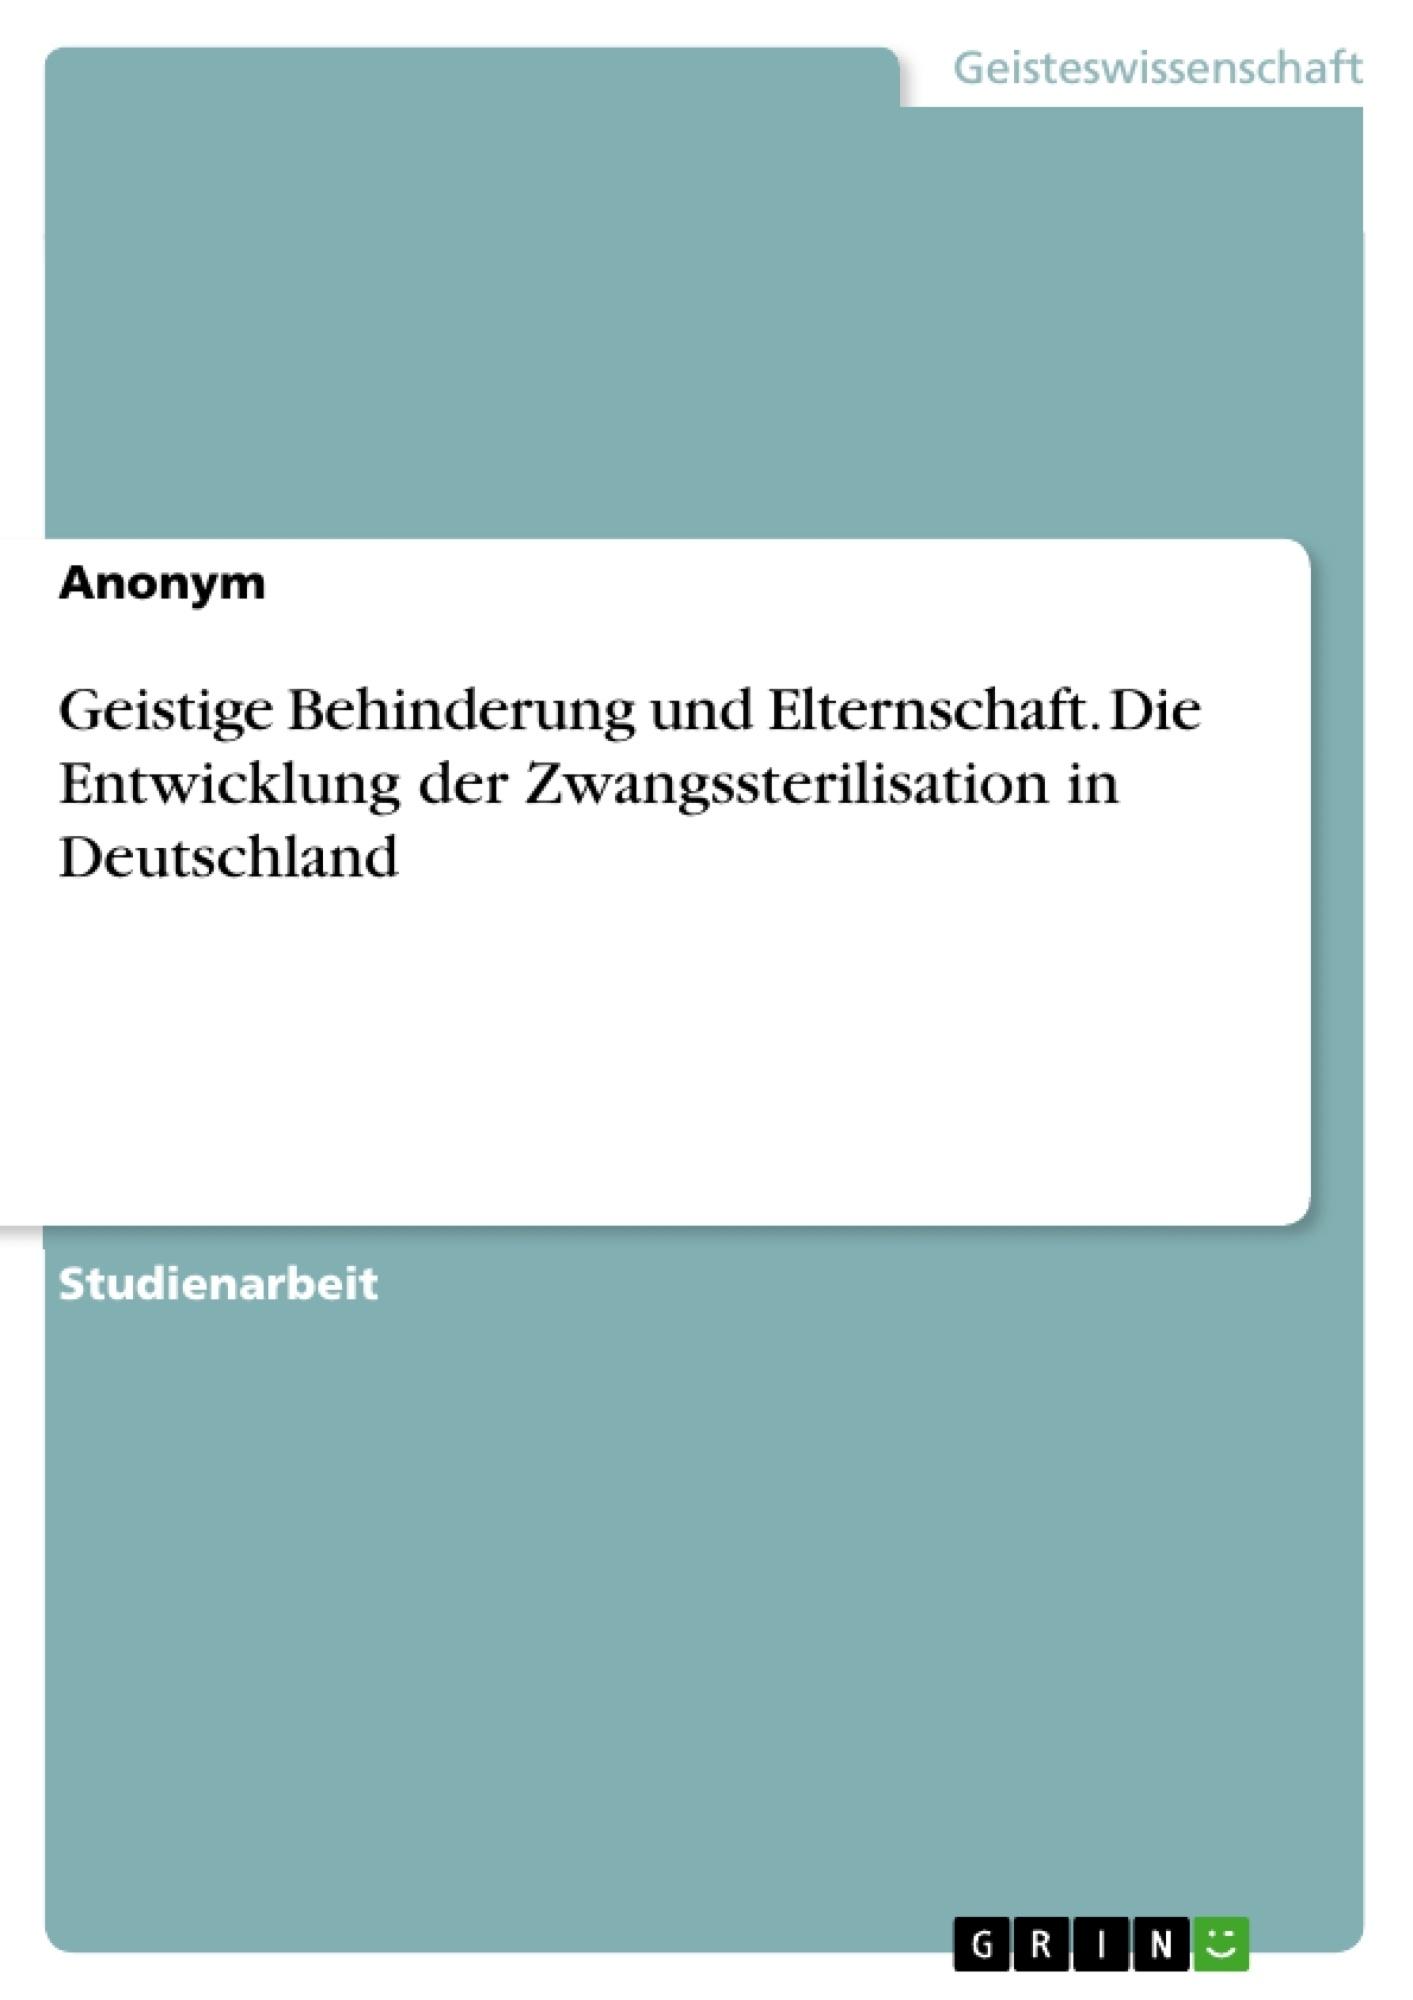 Titel: Geistige Behinderung und Elternschaft. Die Entwicklung der Zwangssterilisation in Deutschland